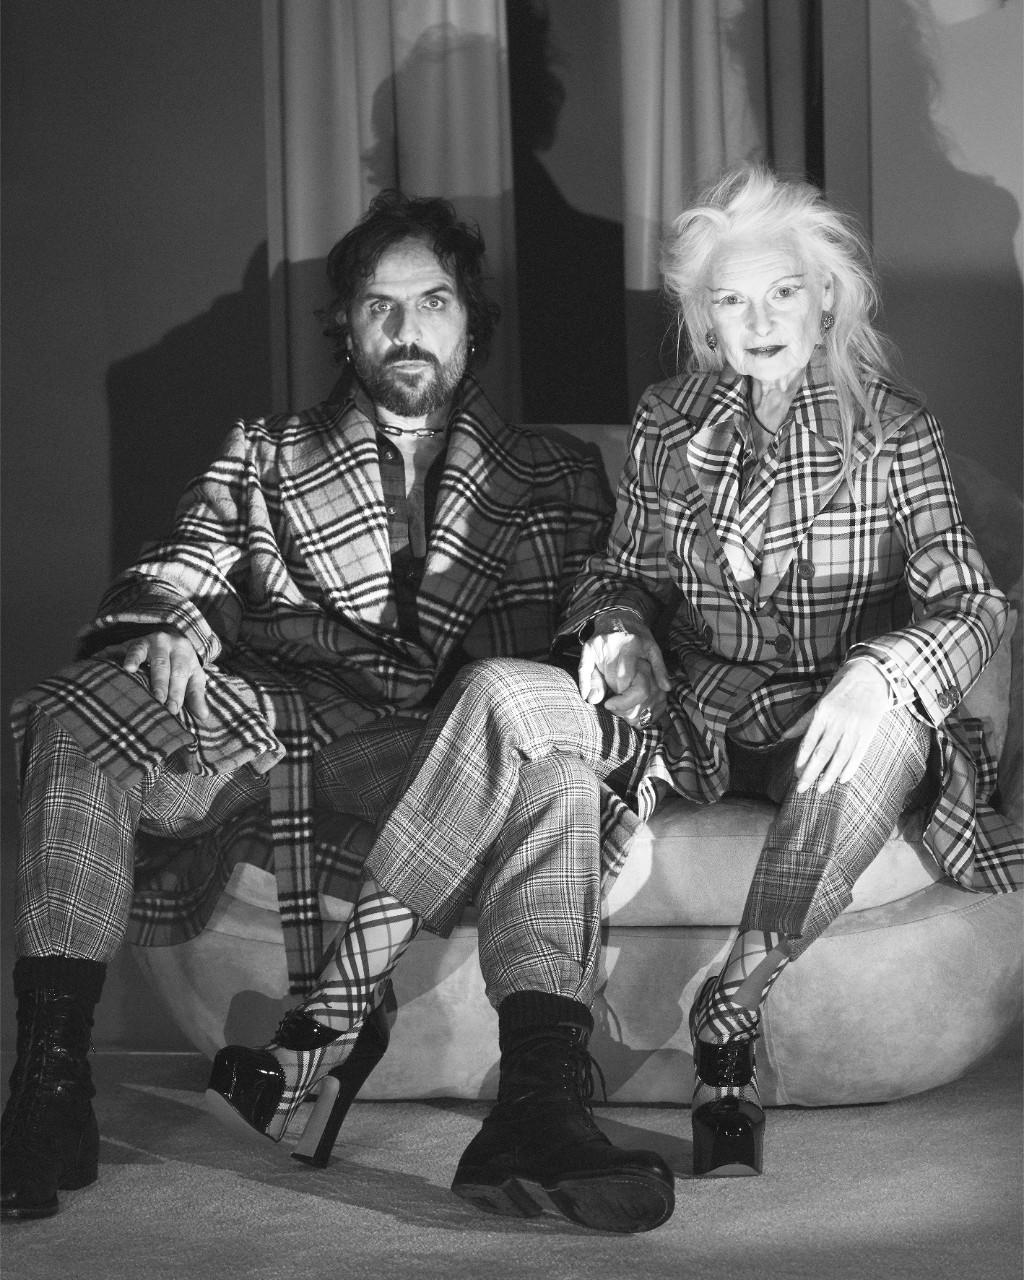 NTK Vivienne Westwood - bà hoàng của phong cách punk - và Andreas Kronthaler trong các thiết kế hợp tác cùng Burberry.